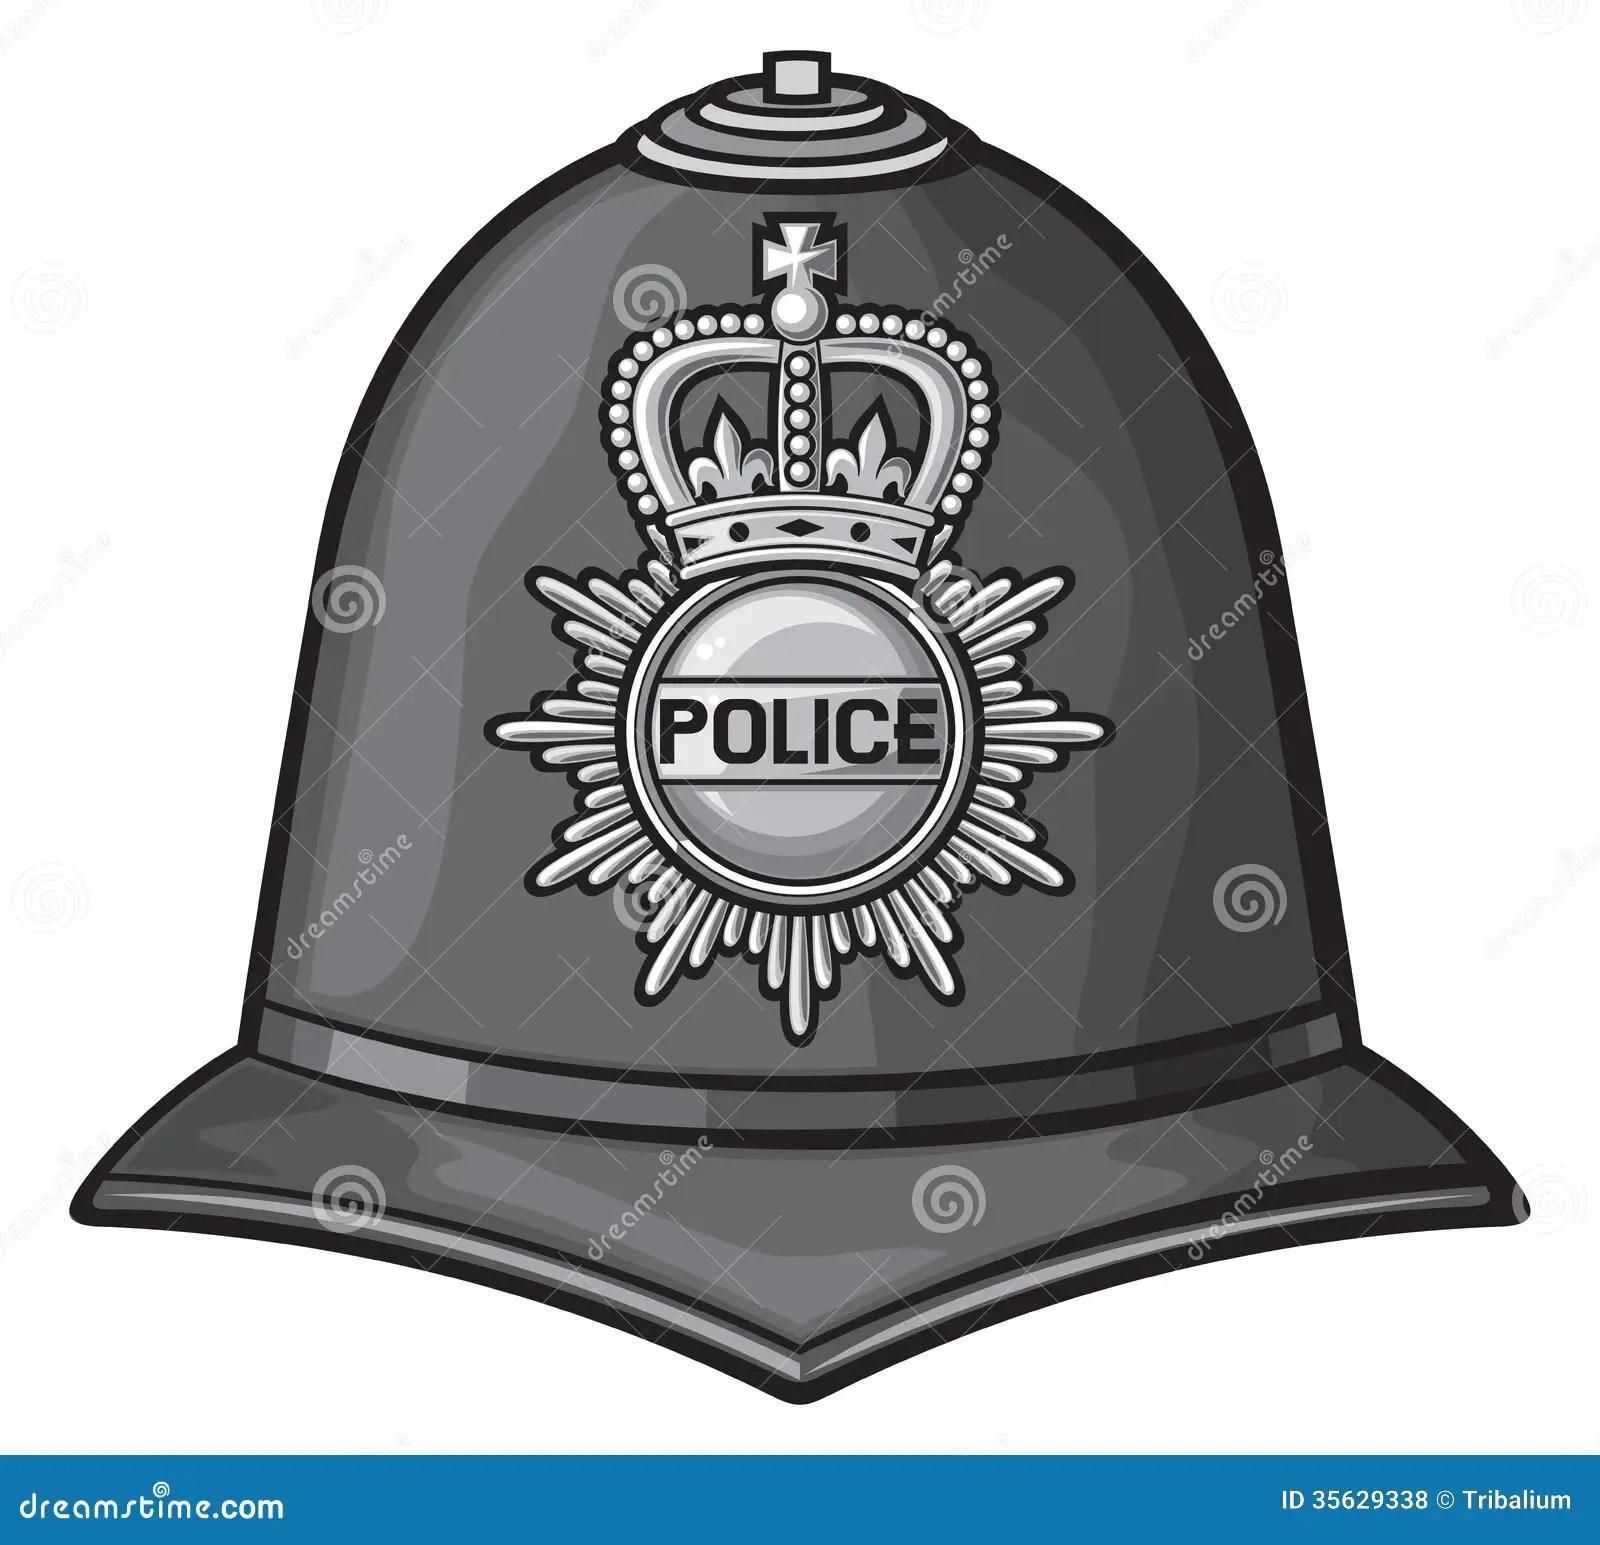 clip art british helmet royalty